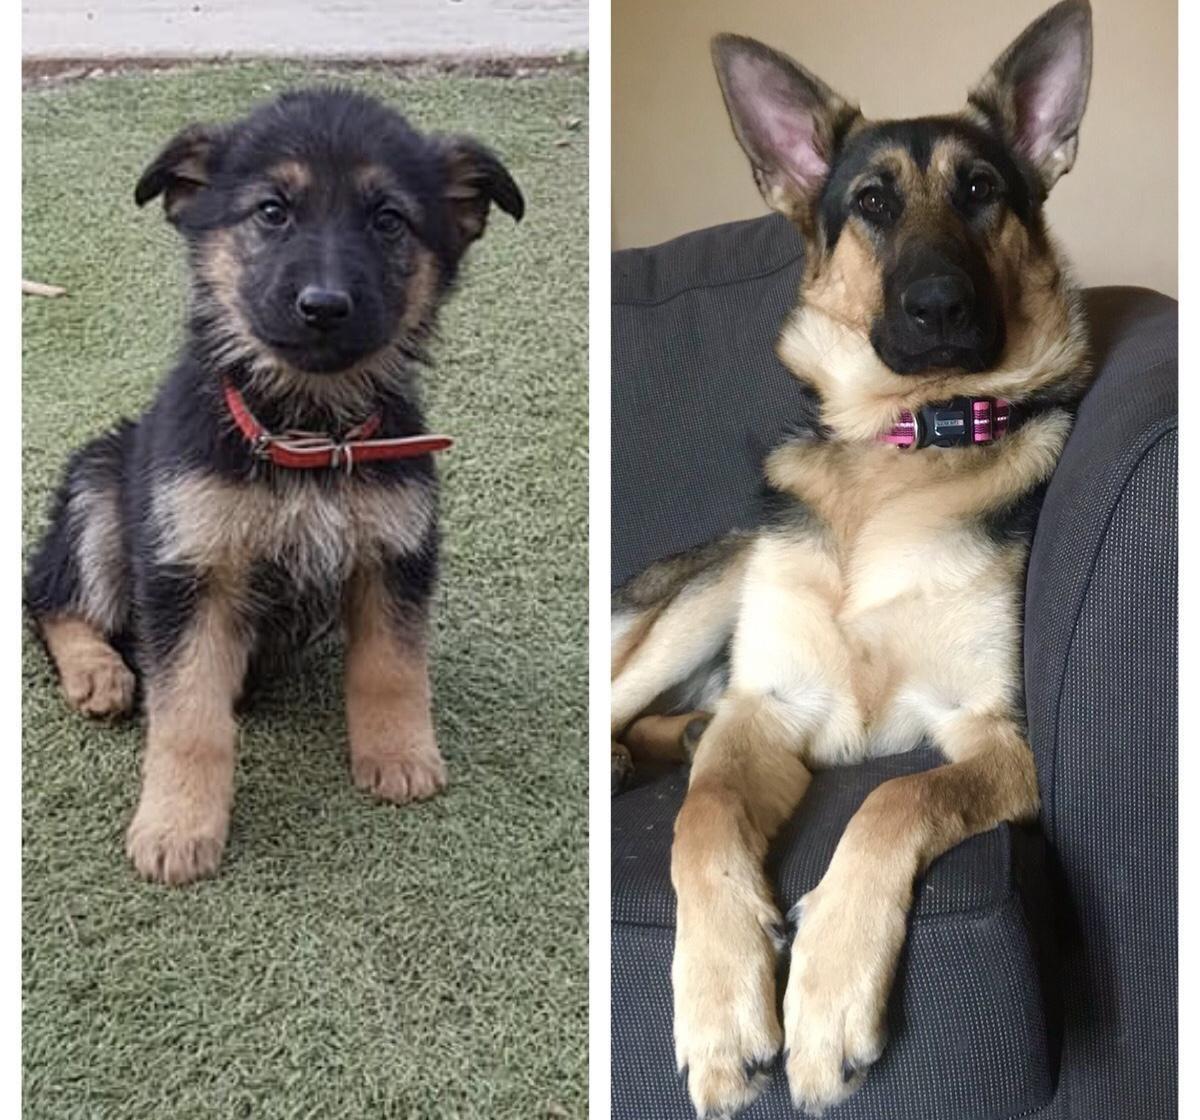 Delightful Black German Shepherd Quotes In 2020 Cute Dogs And Puppies Black German Shepherd Dogs